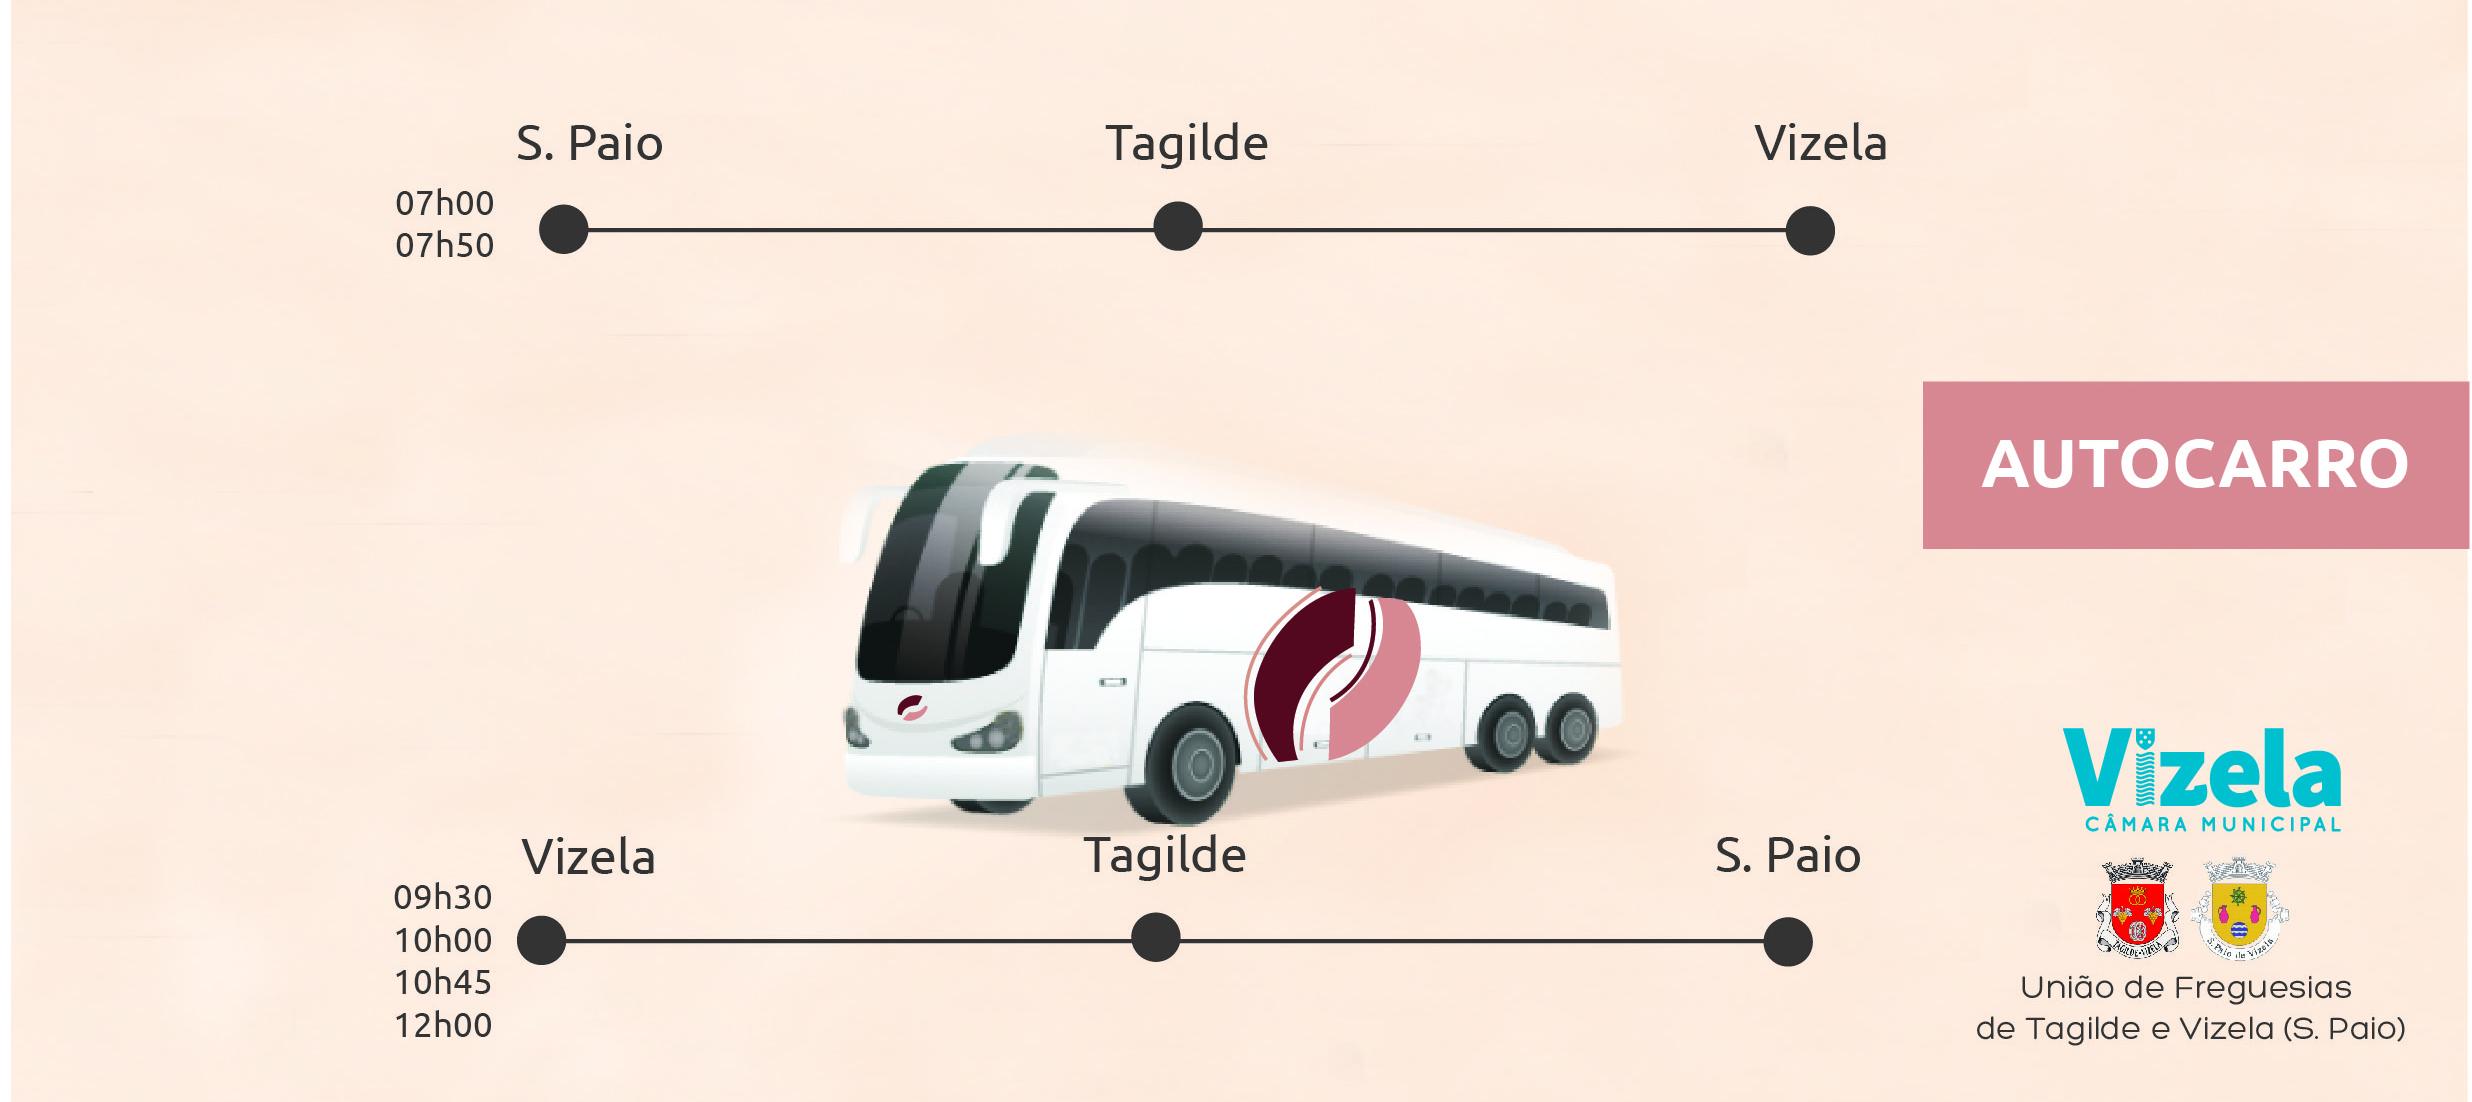 Transporte público aos sábados entre Tagilde / S. Paio e Vizela